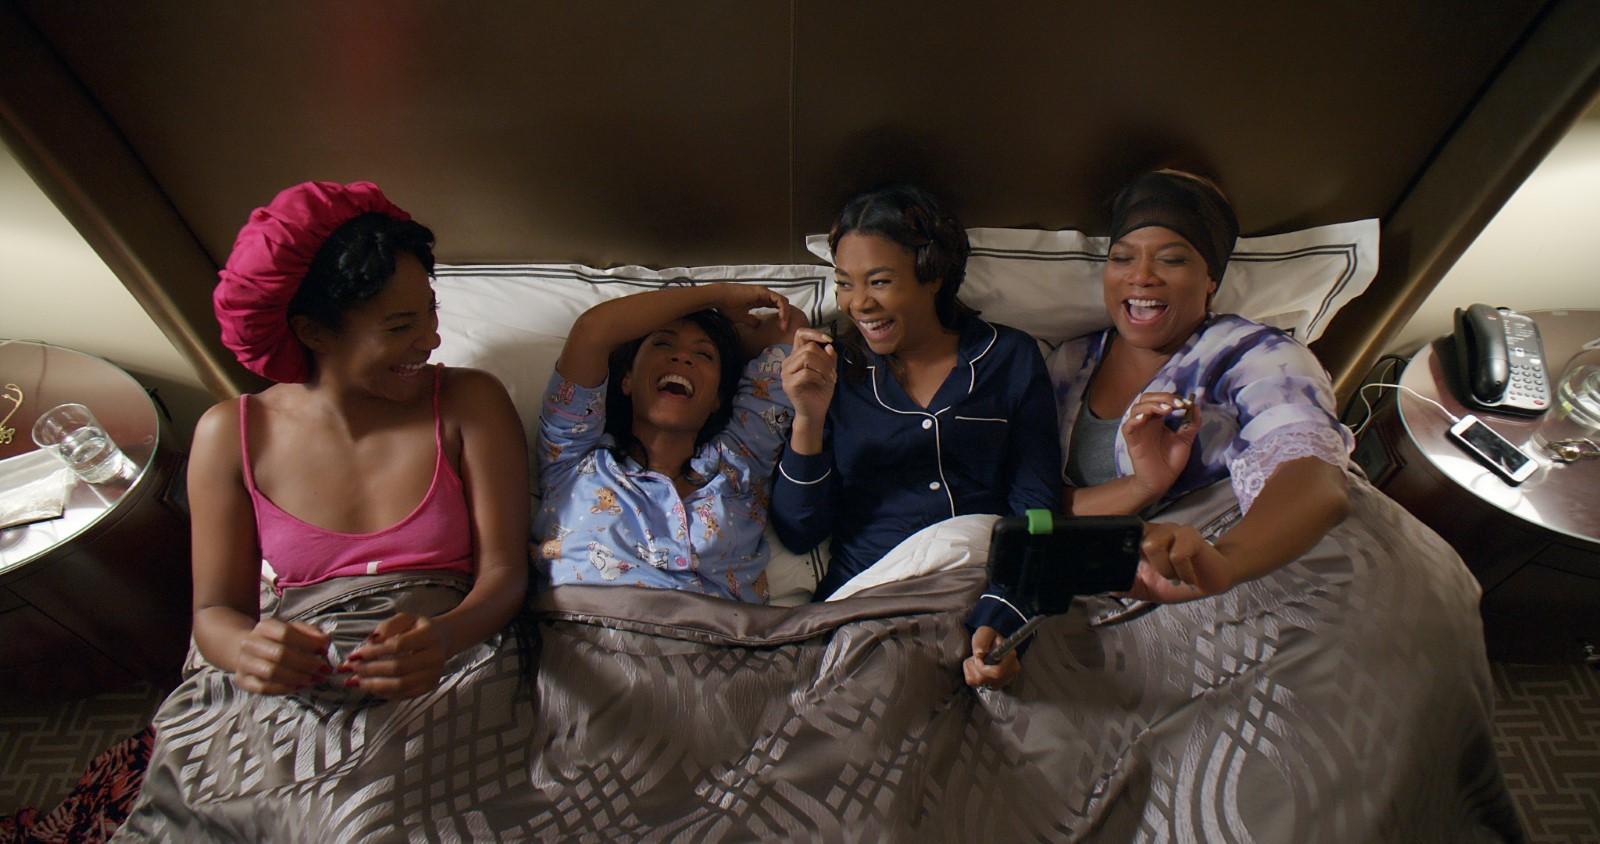 Kız Gecesi Filmi Bedava indir Ekran Görüntüsü 1